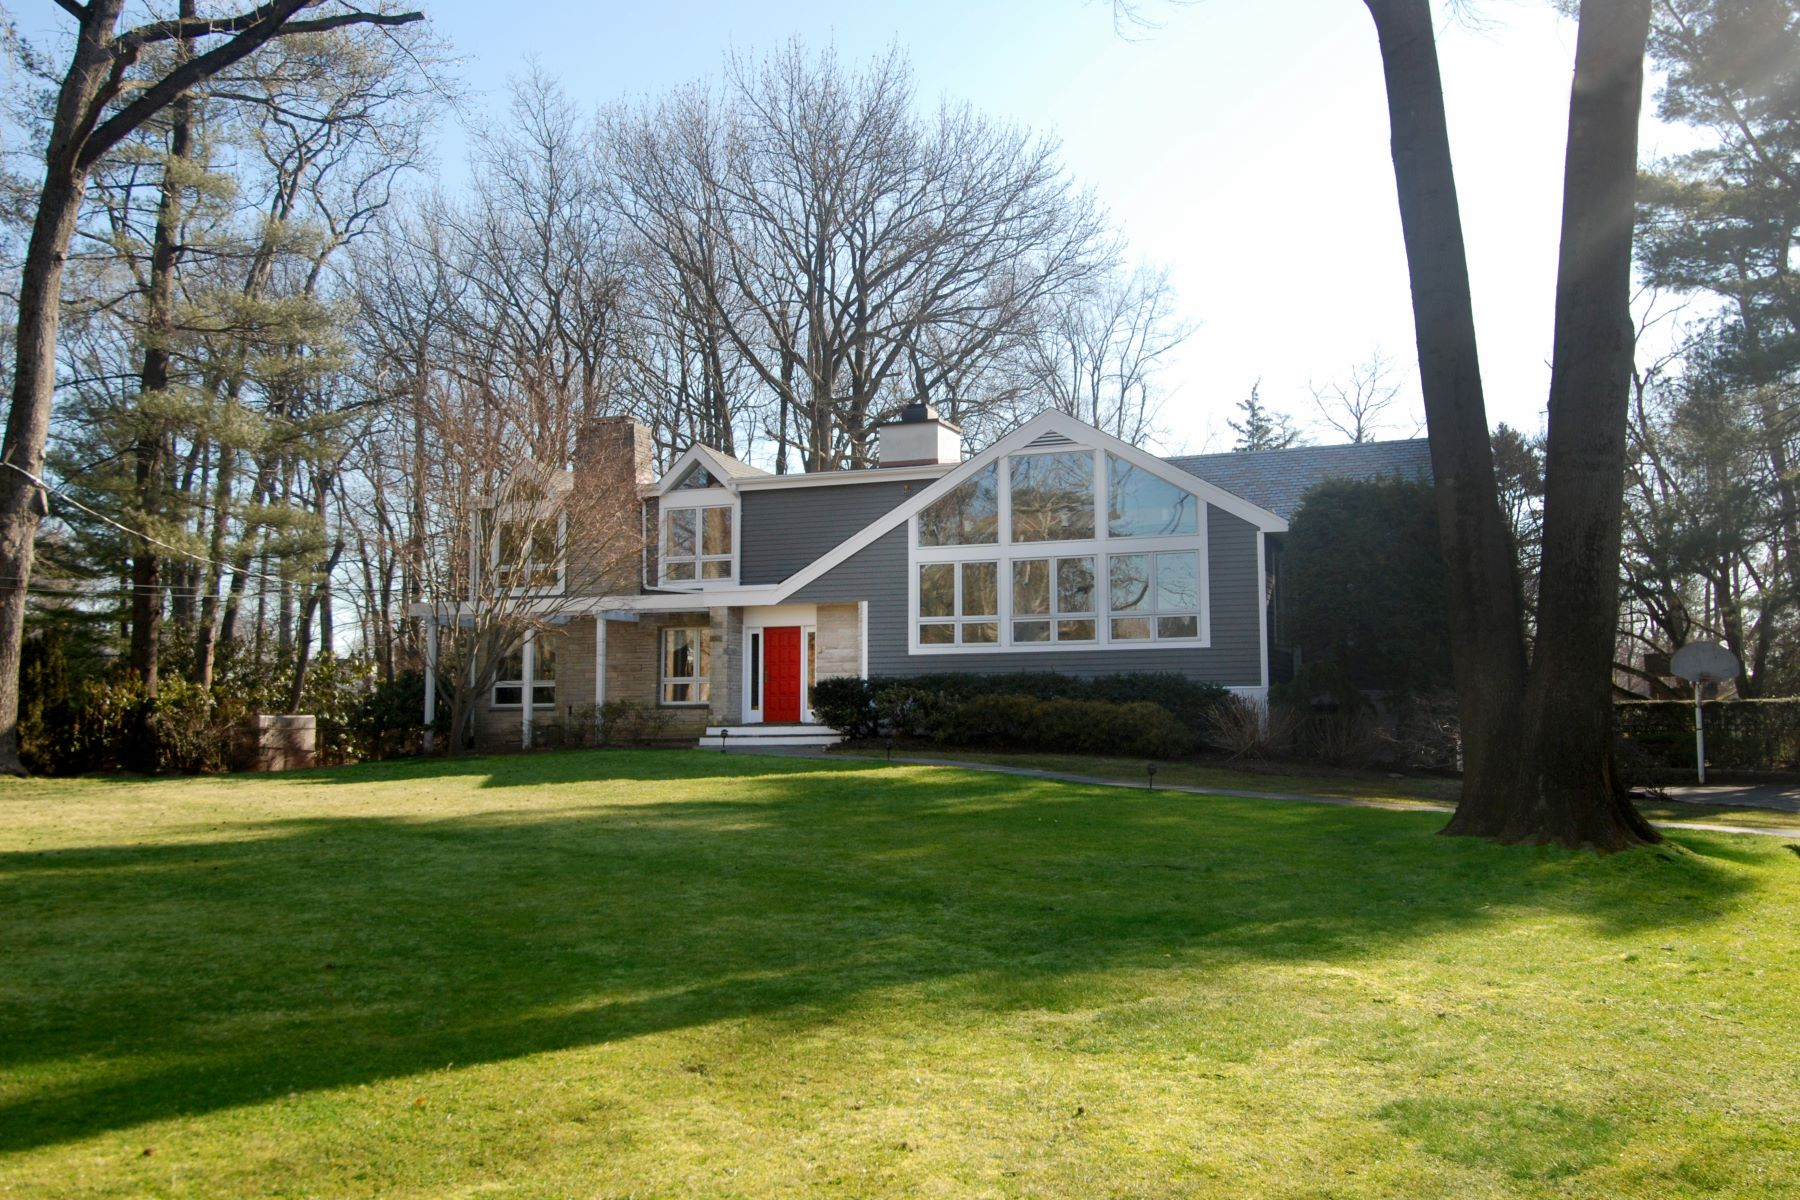 Casa Unifamiliar por un Alquiler en 940 Greacen Point Road 940 Greacen Point Road Mamaroneck, Nueva York 10543 Estados Unidos